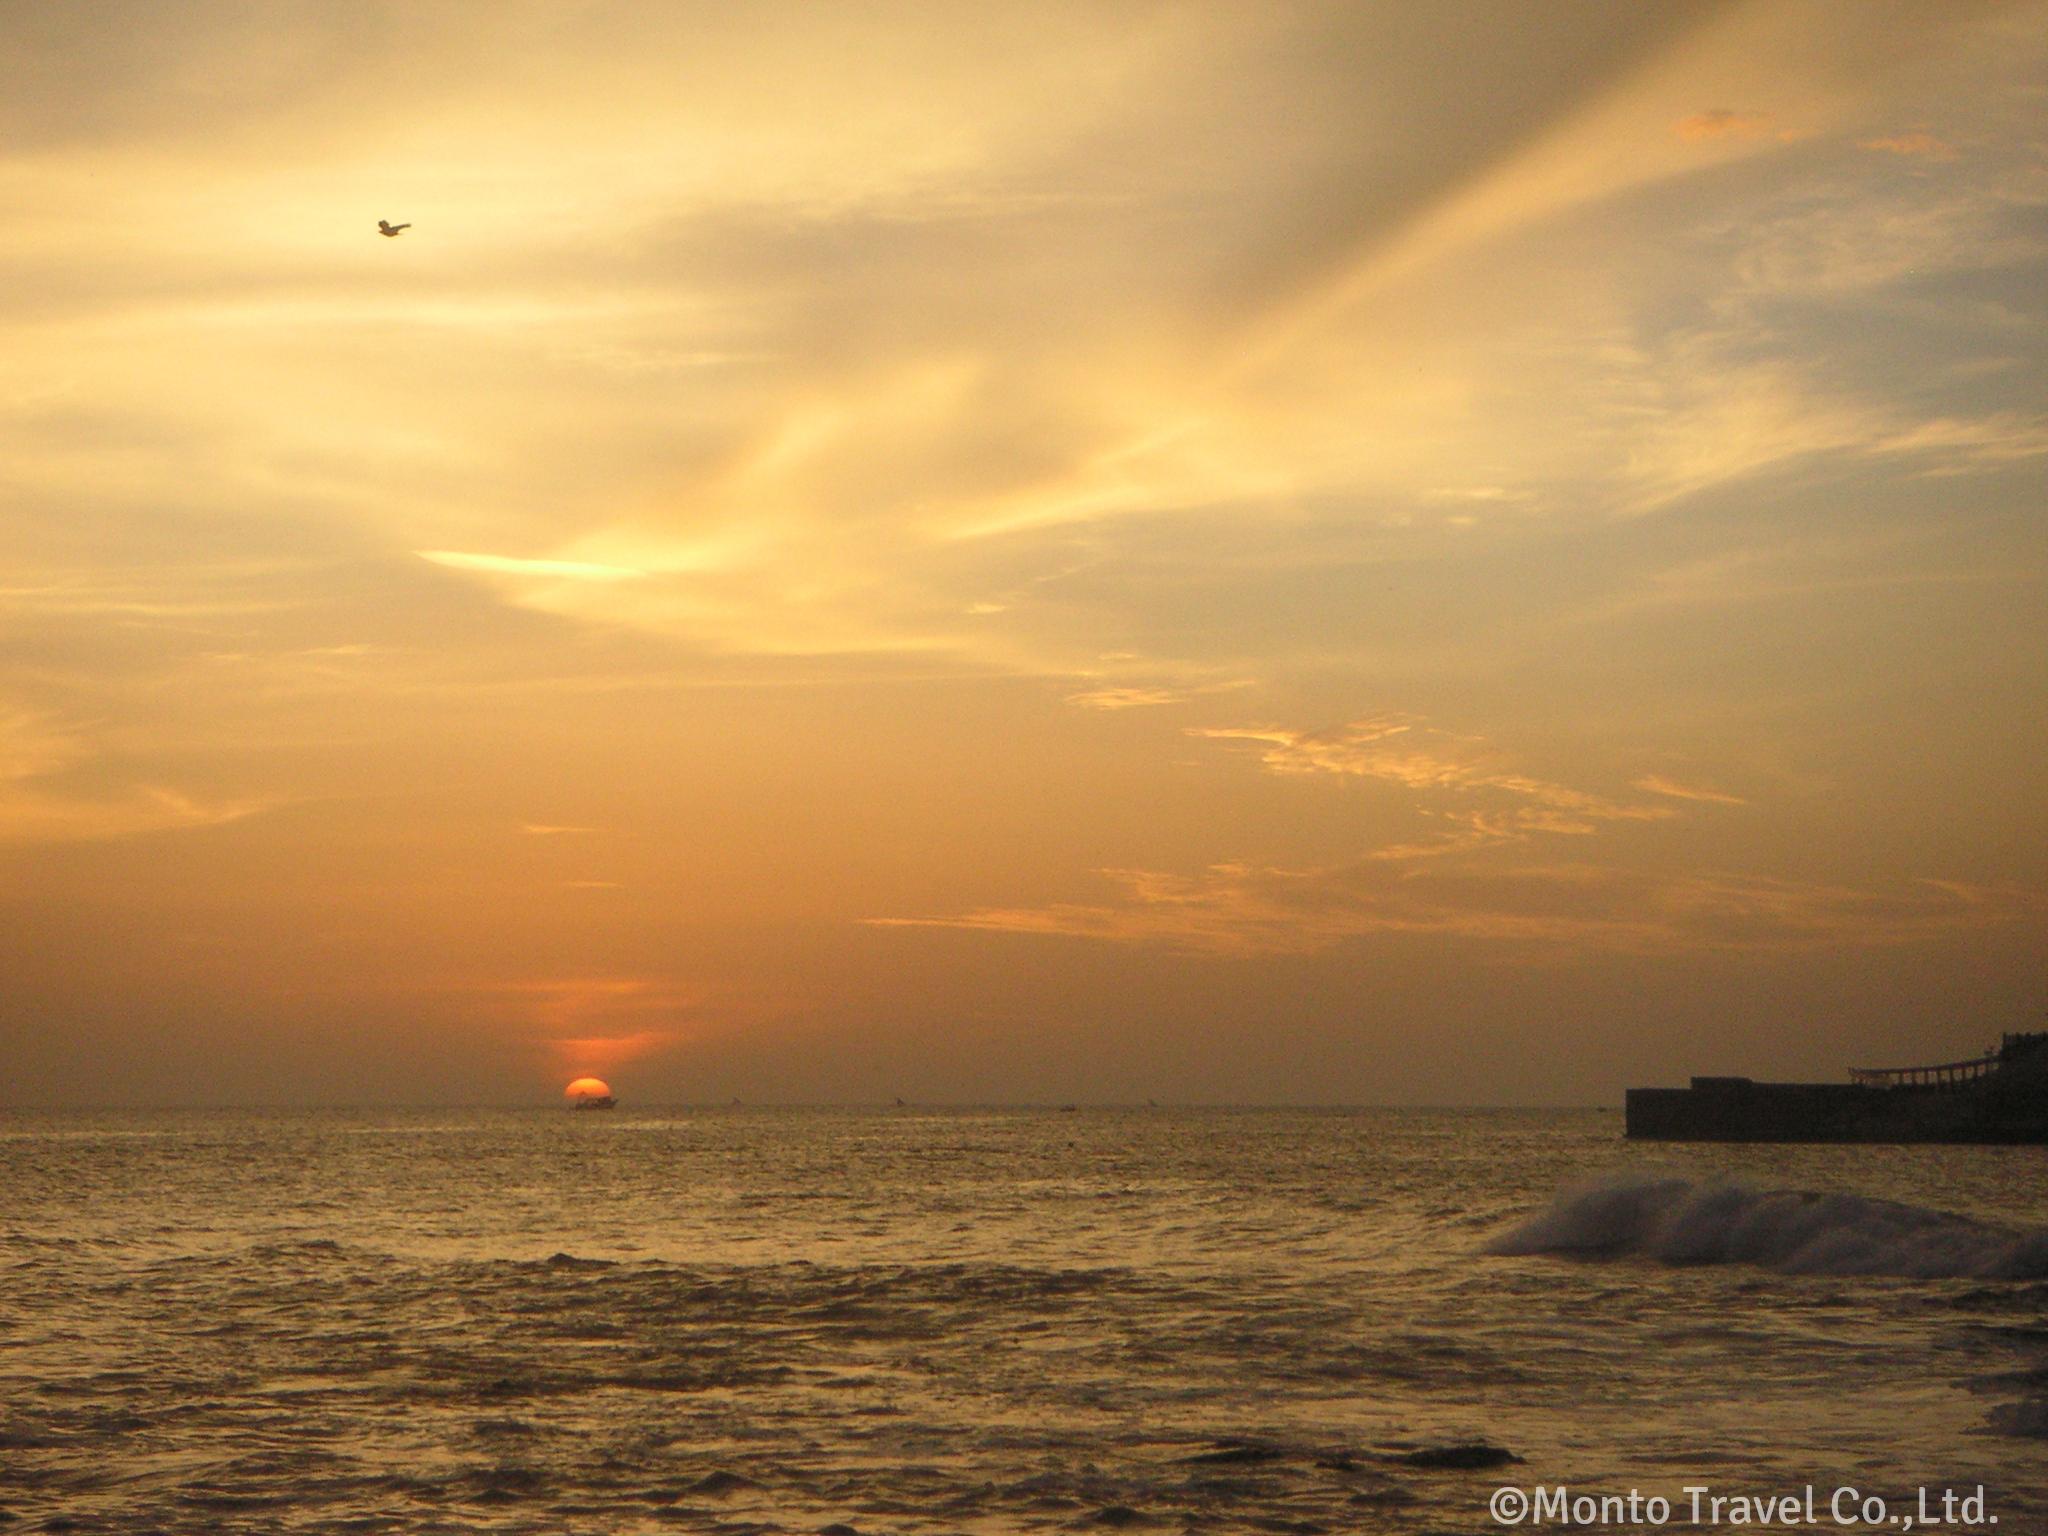 インド最南端の岬カンニャクマーリーの日の出